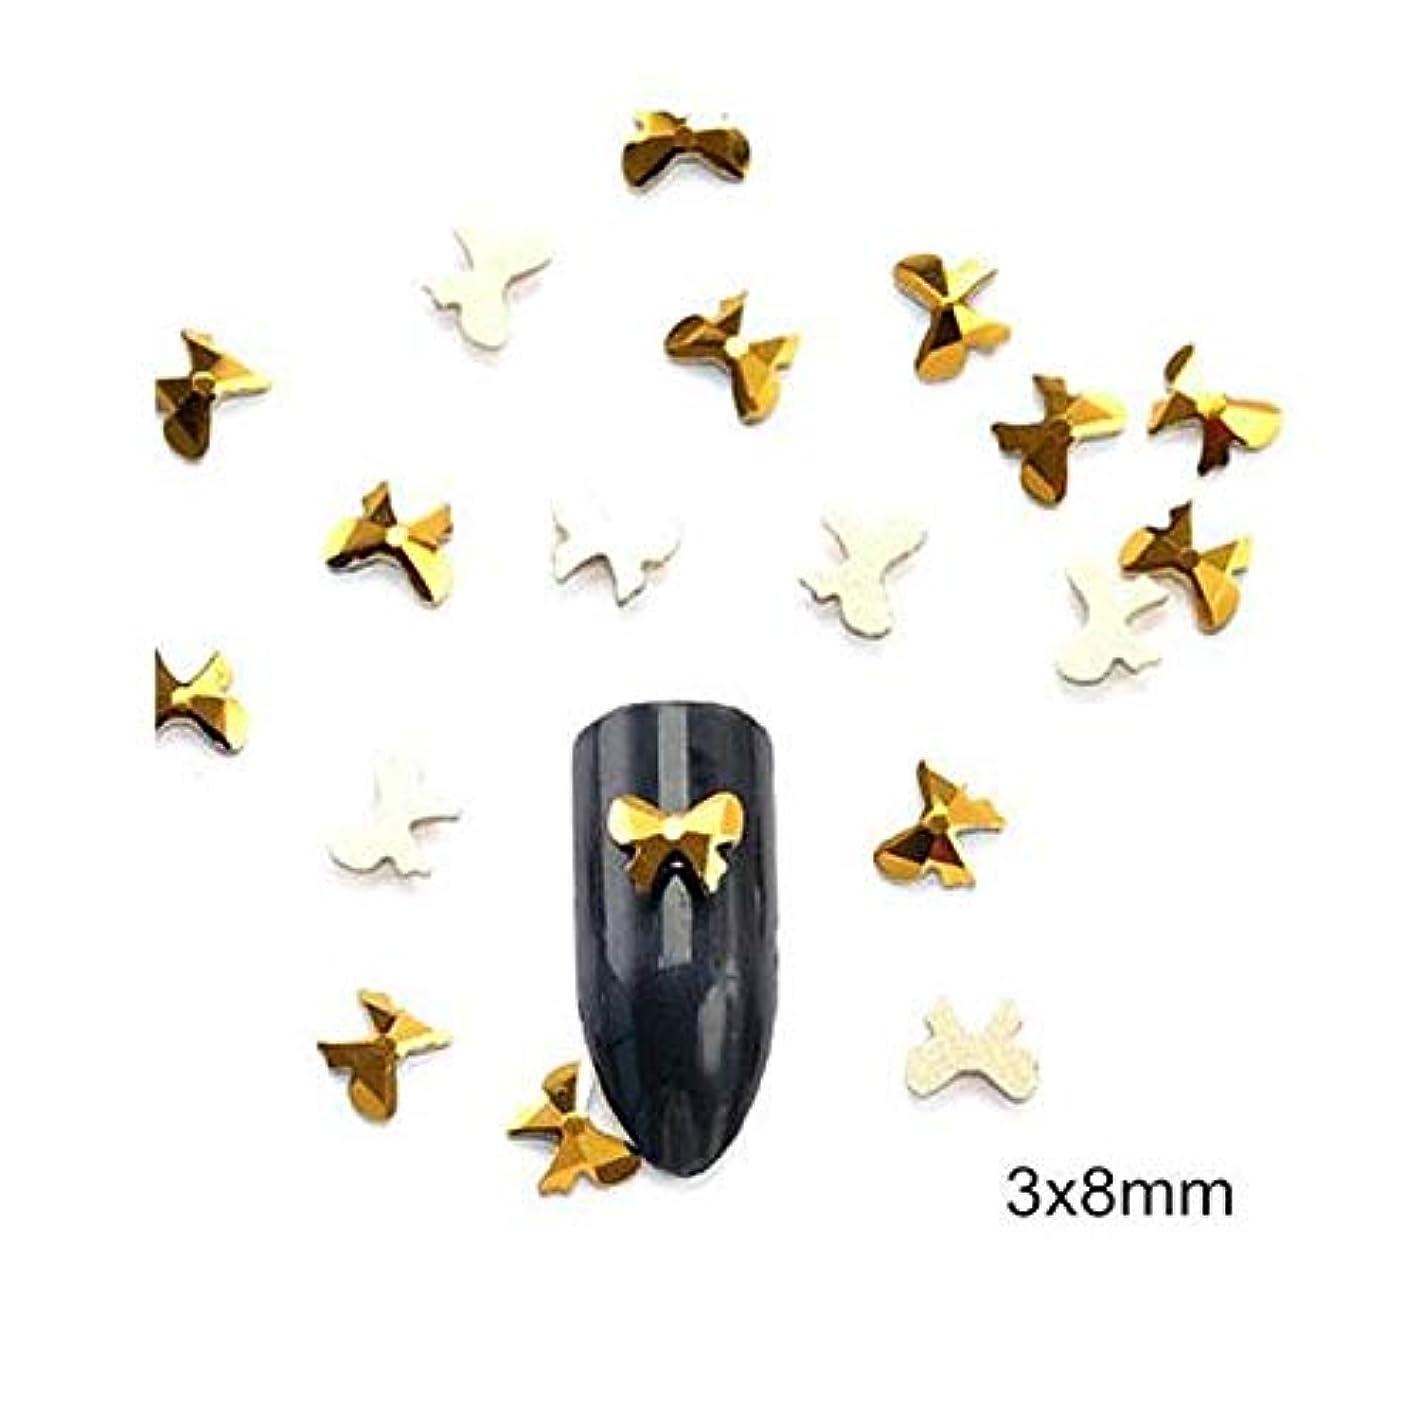 義務づける成分どれFlysea ダイヤモンドゴールド完全な形のネイルステッカースーパーフラッシュネイルジュエリーフラットドリルはネイルズアートの装飾結晶が設定したドリル(12グリッドボックス) (色 : Bow 10PCS)